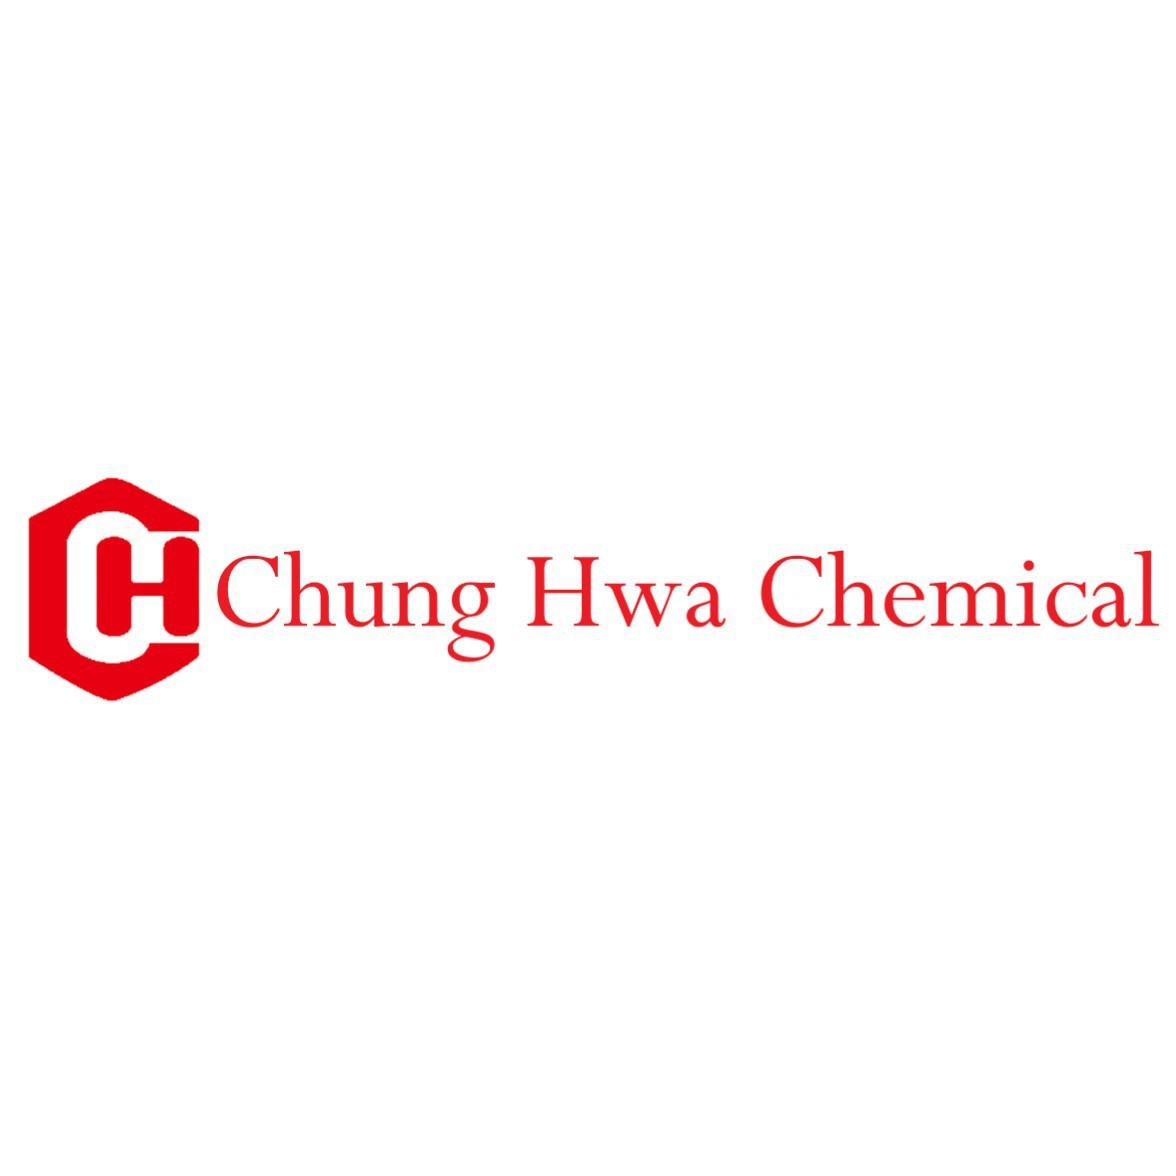 { Chung Hwa Chemical®組合包過碳酸鈉、檸檬酸、小蘇打各一 }